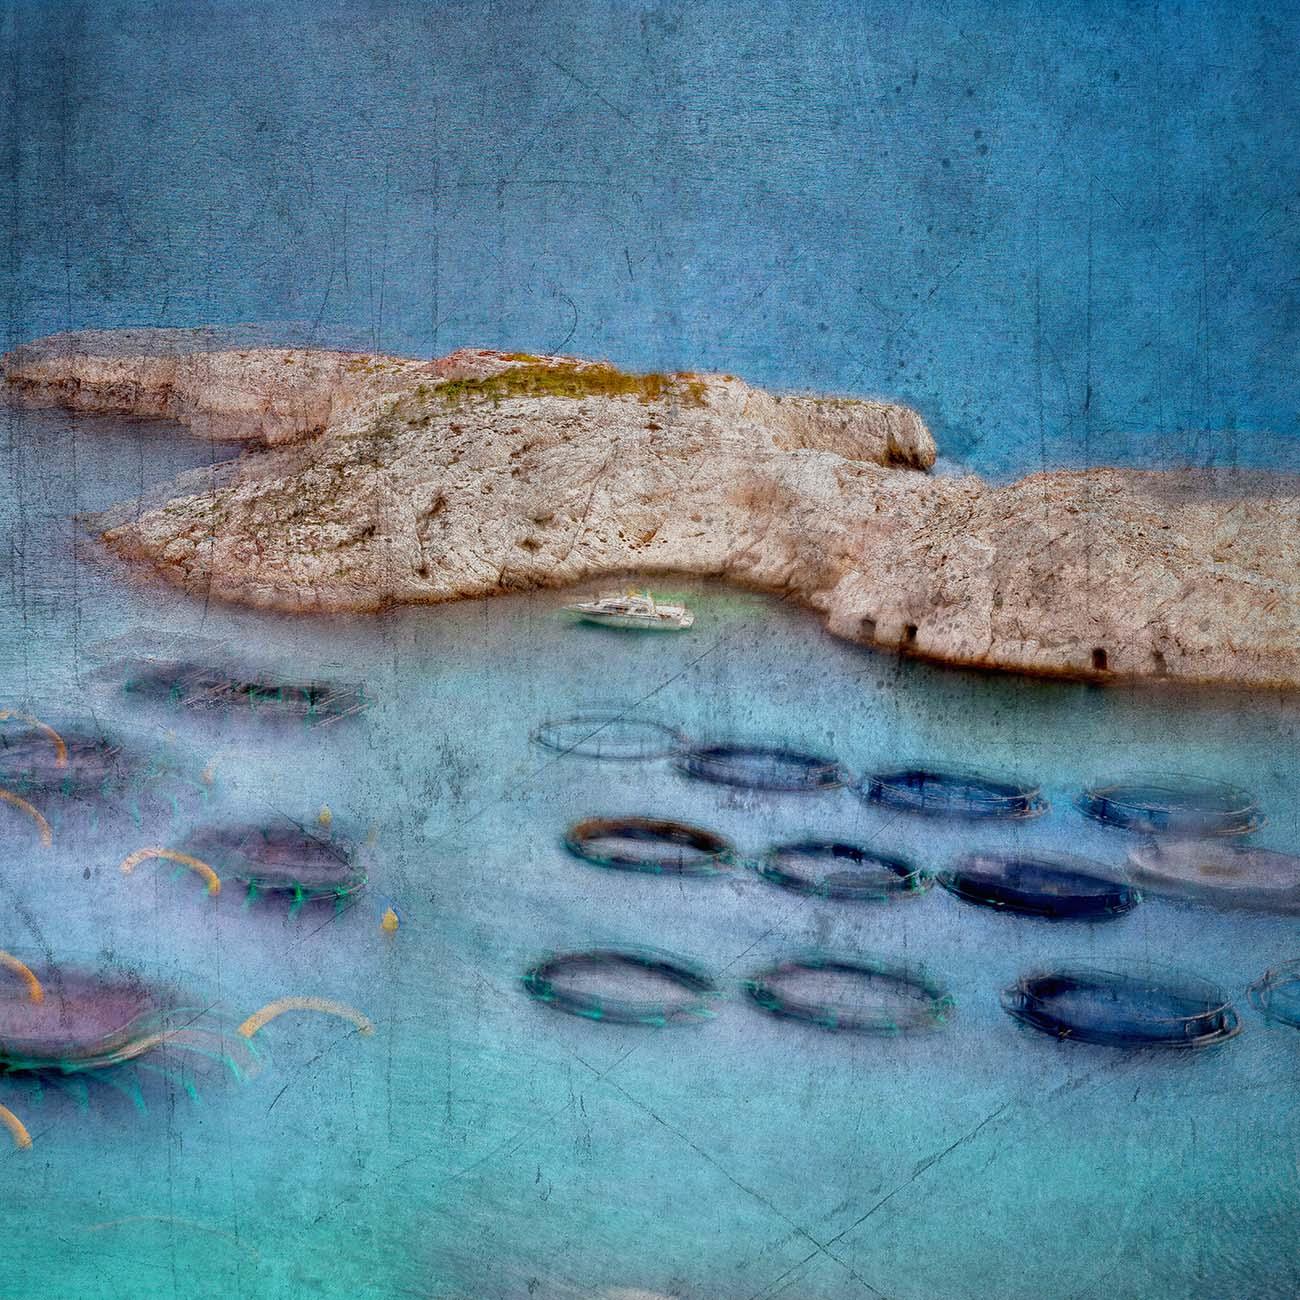 La ferme Aquacole Frioul Bleu Marseille Paul-Louis LEGER Photographe